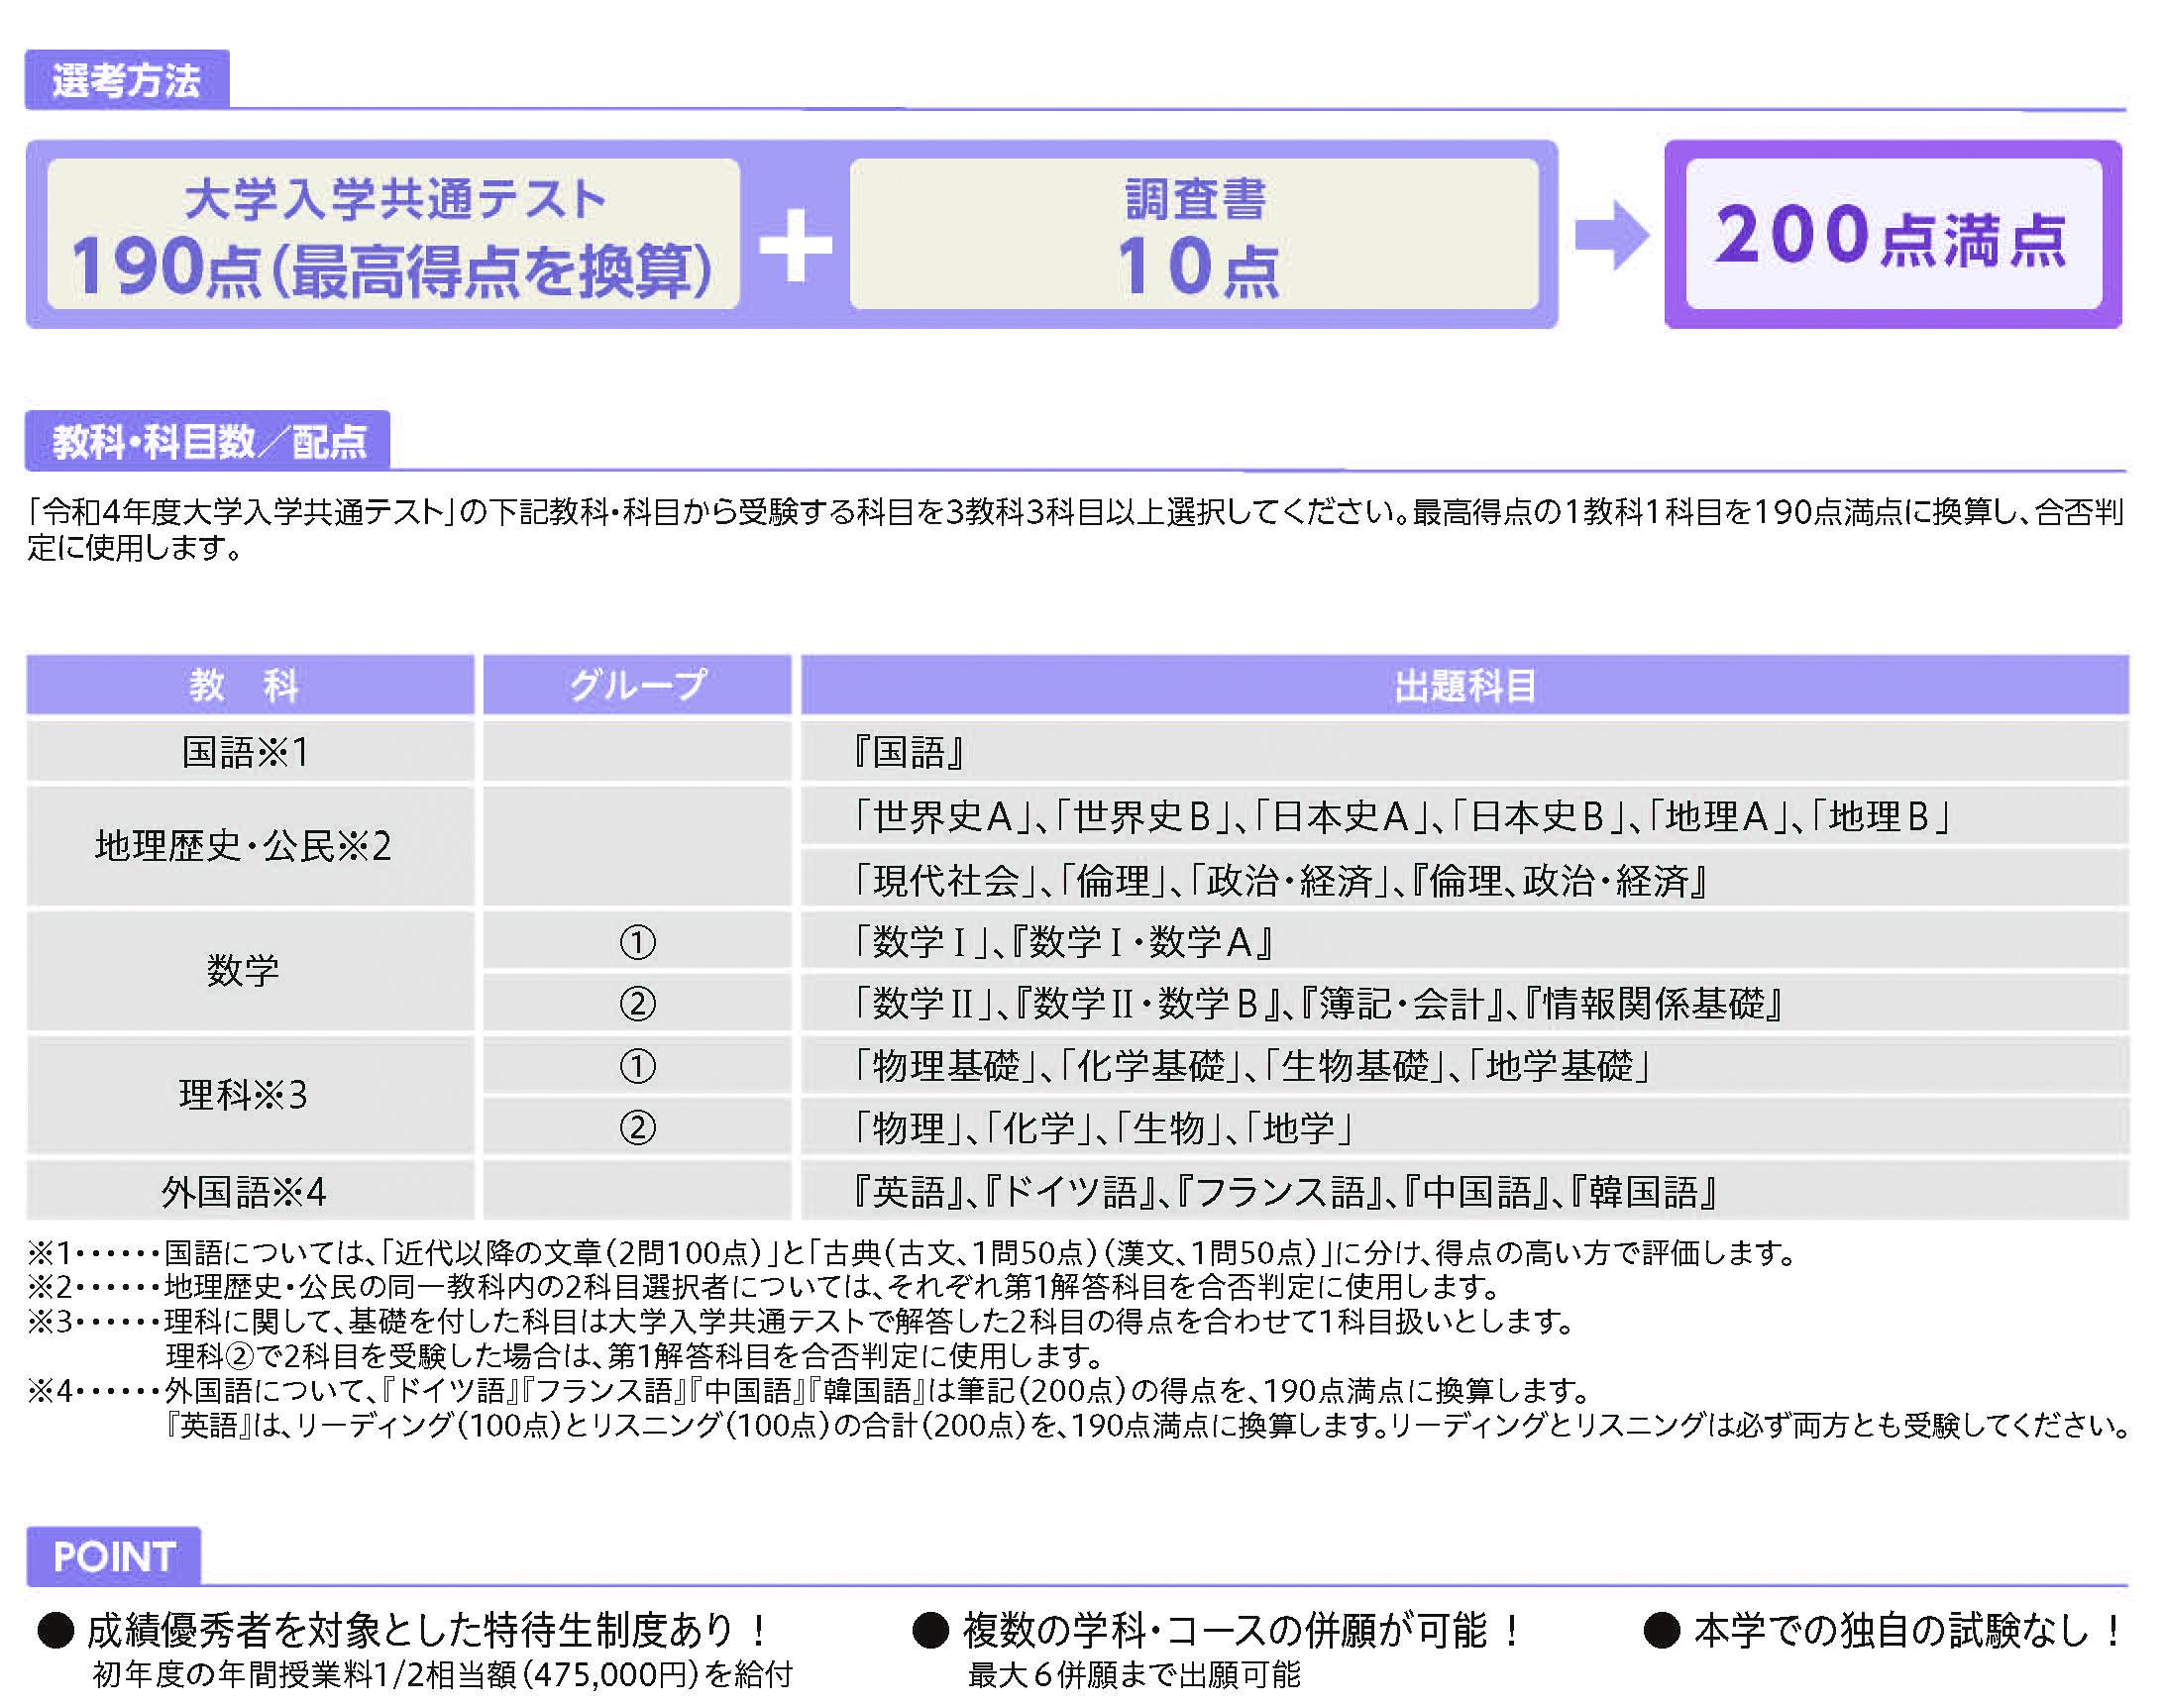 本学が指定する大学入試センター試験 教科・科目一覧